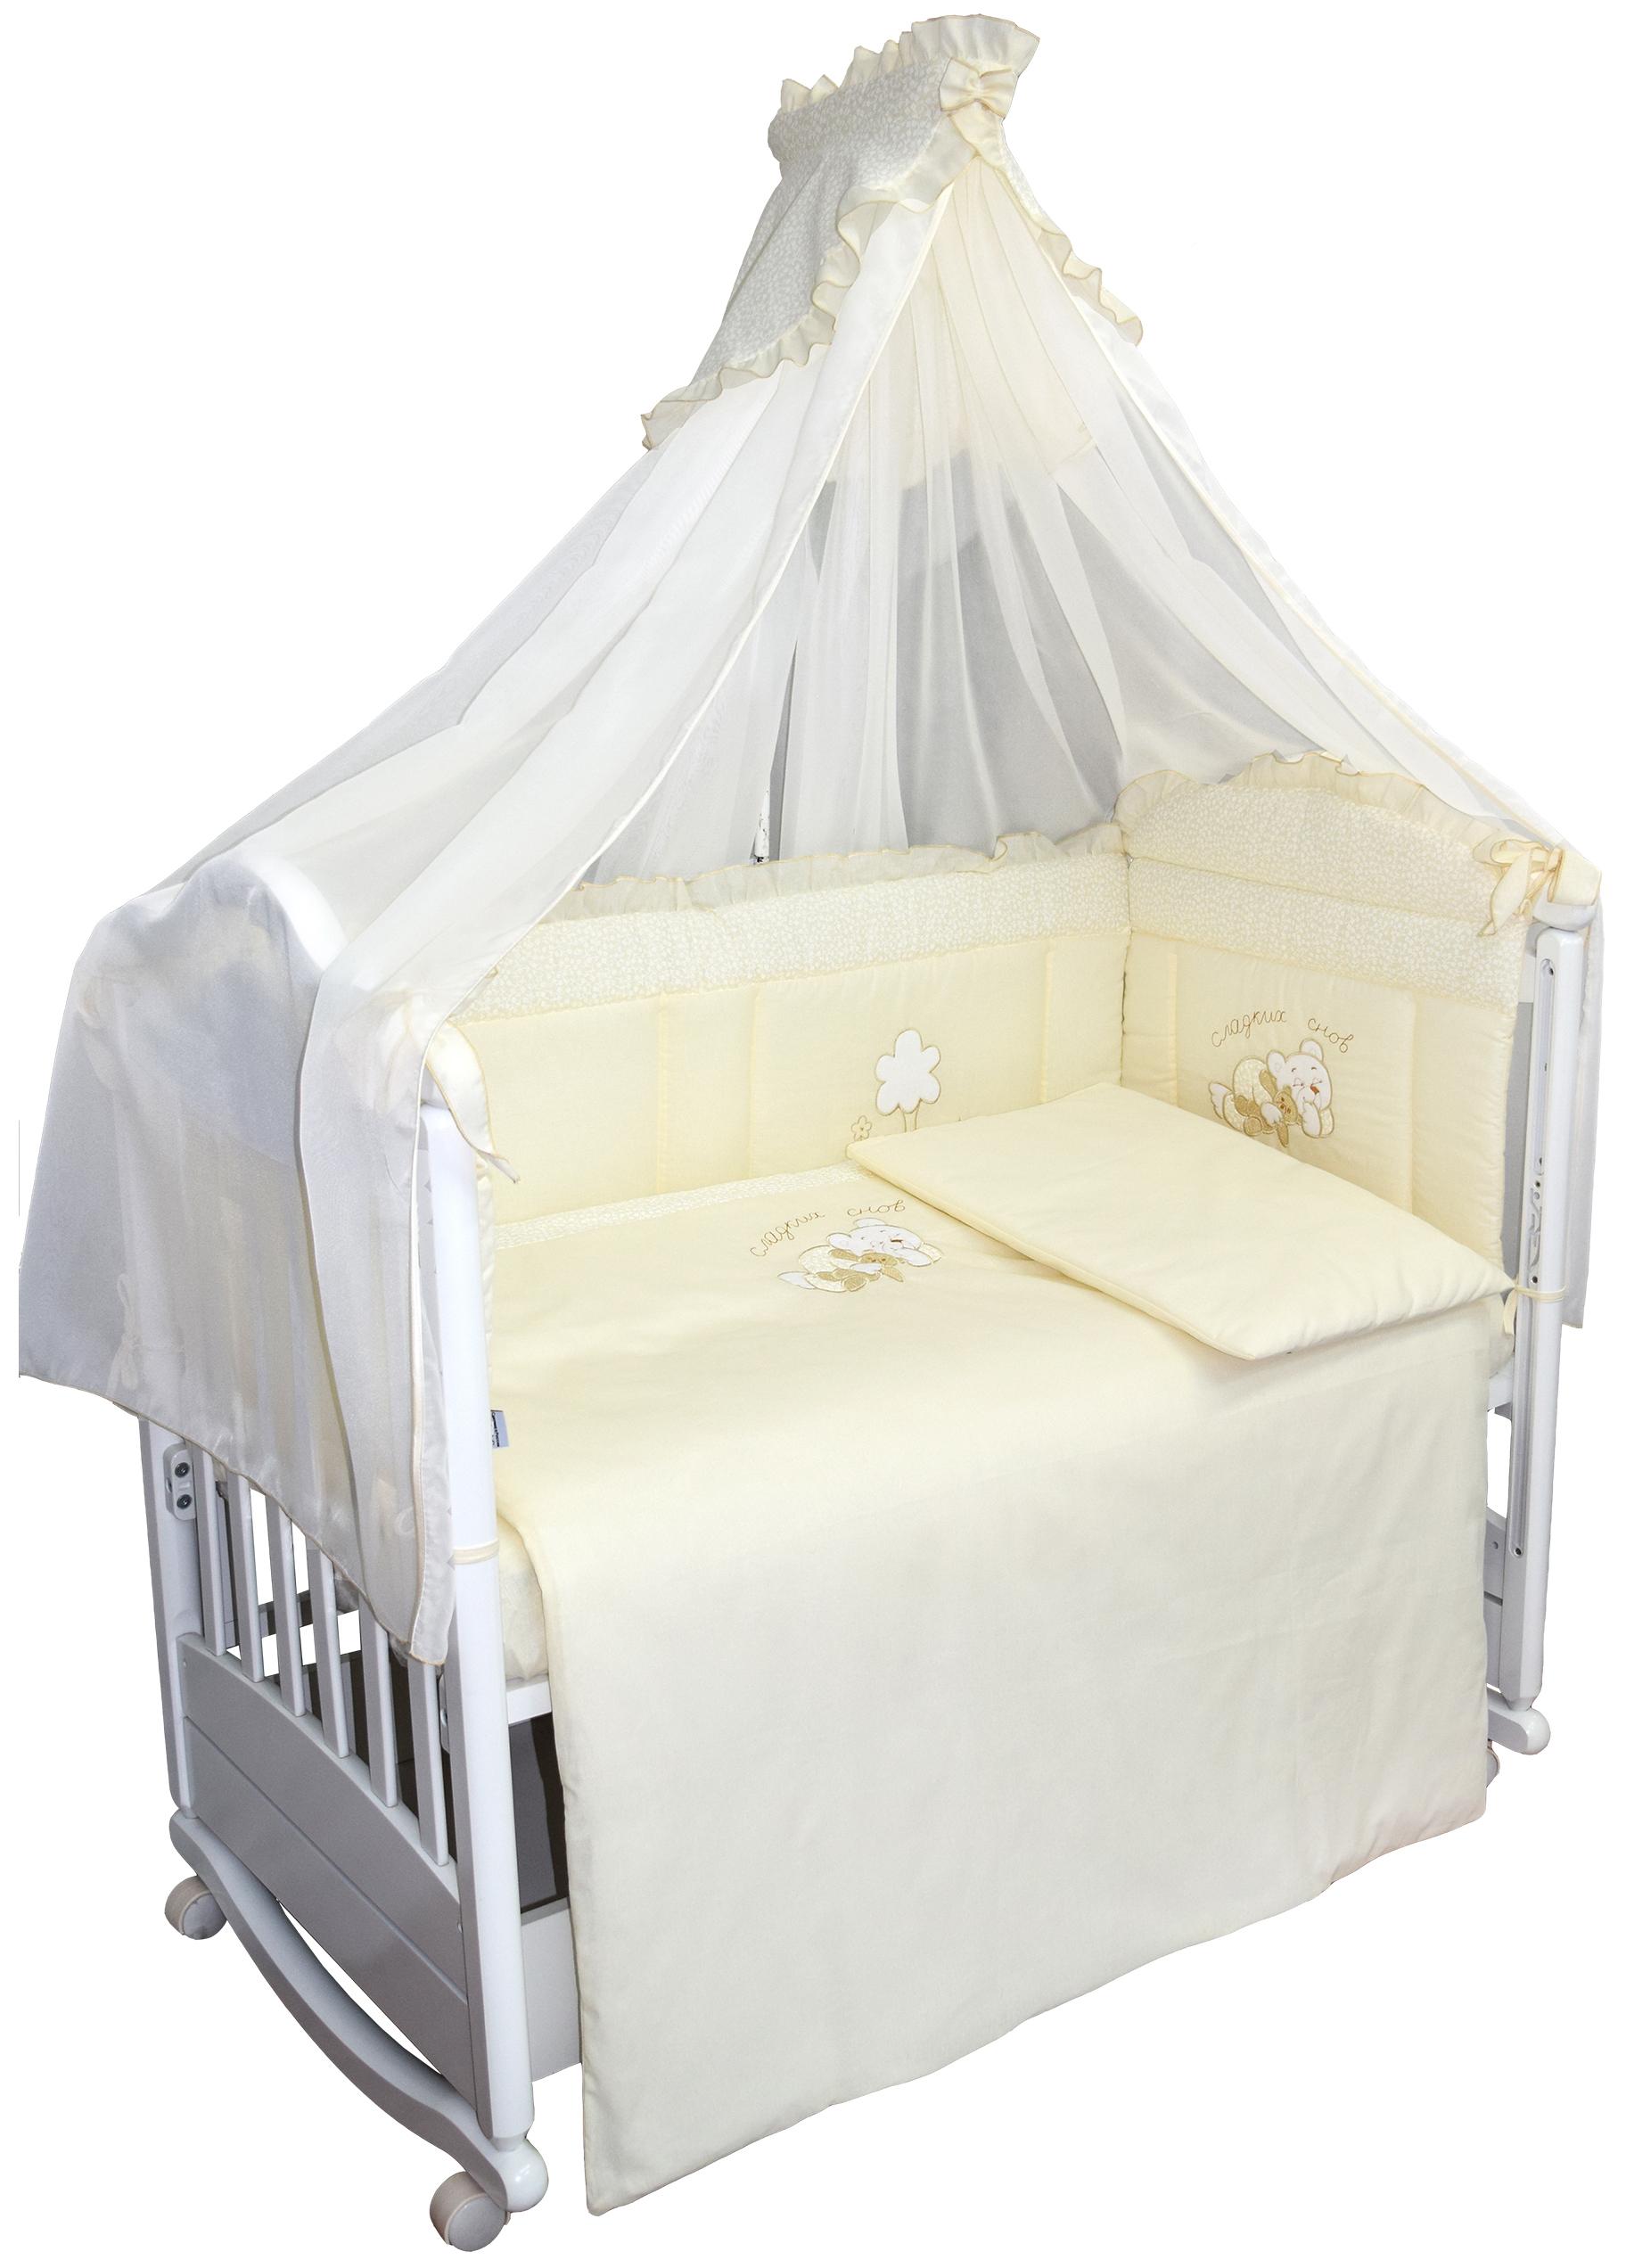 Комплект в кроватку L'Abeille Светик 7 пр. комплект в кроватку labeillebaby светик 7 предметов белый